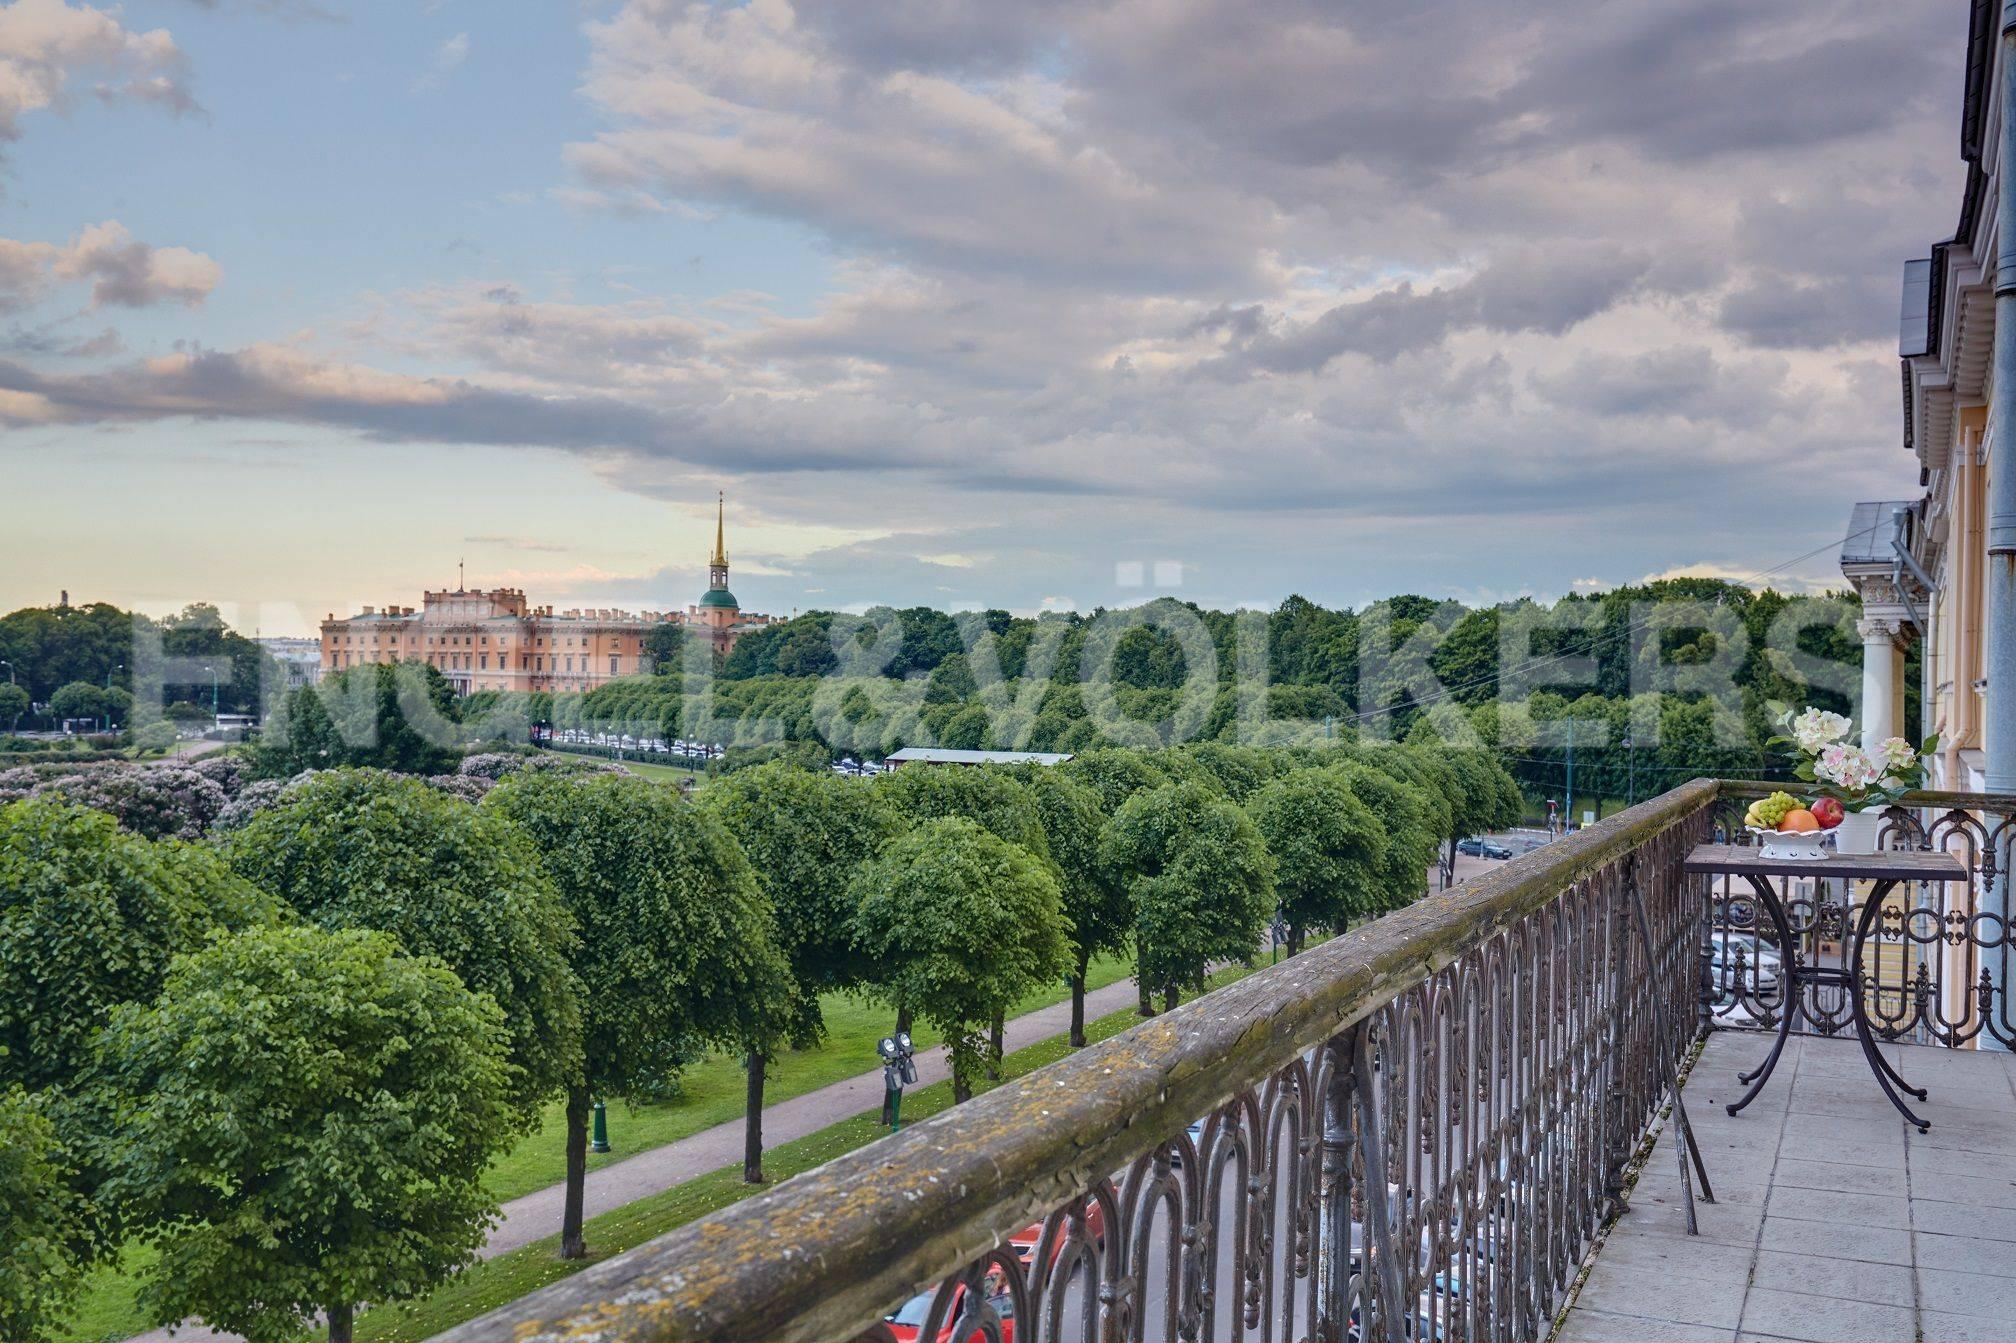 Элитные квартиры в Центральный р-н. Санкт-Петербург, Марсово поле, 3. Панорамный вид с фасадного балкона в сторону Михайловского замка